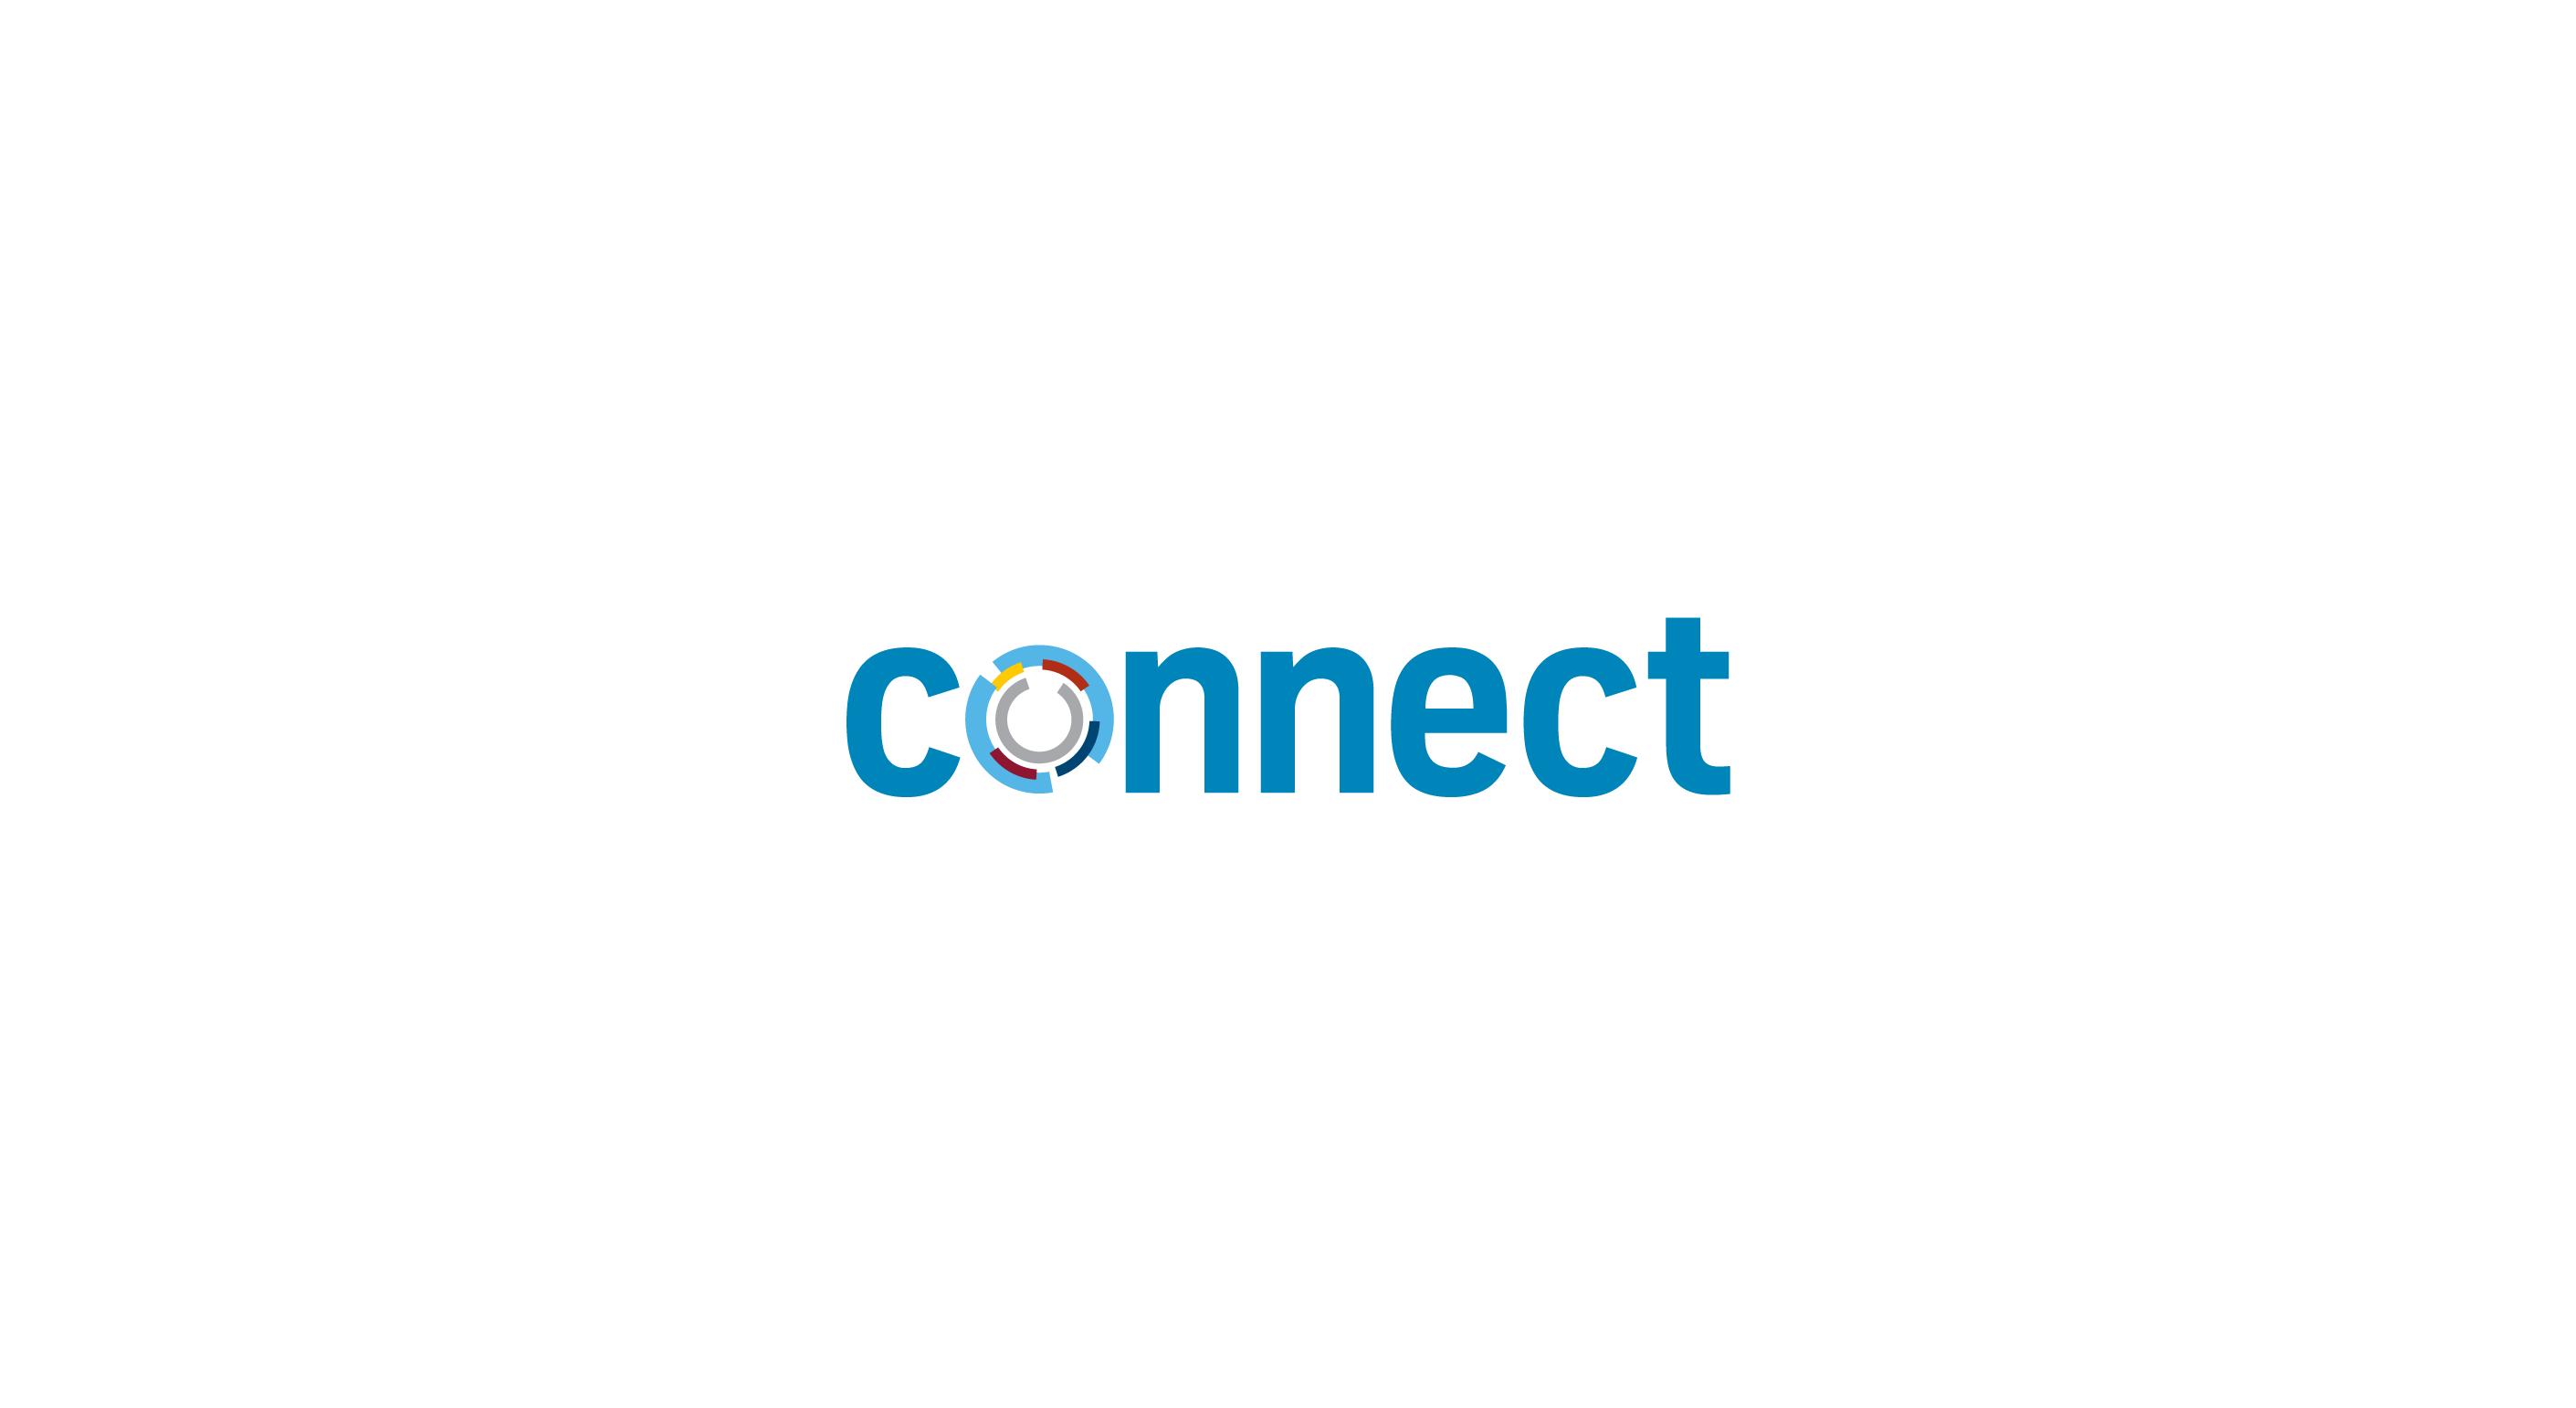 ThyssenKrupp Connect